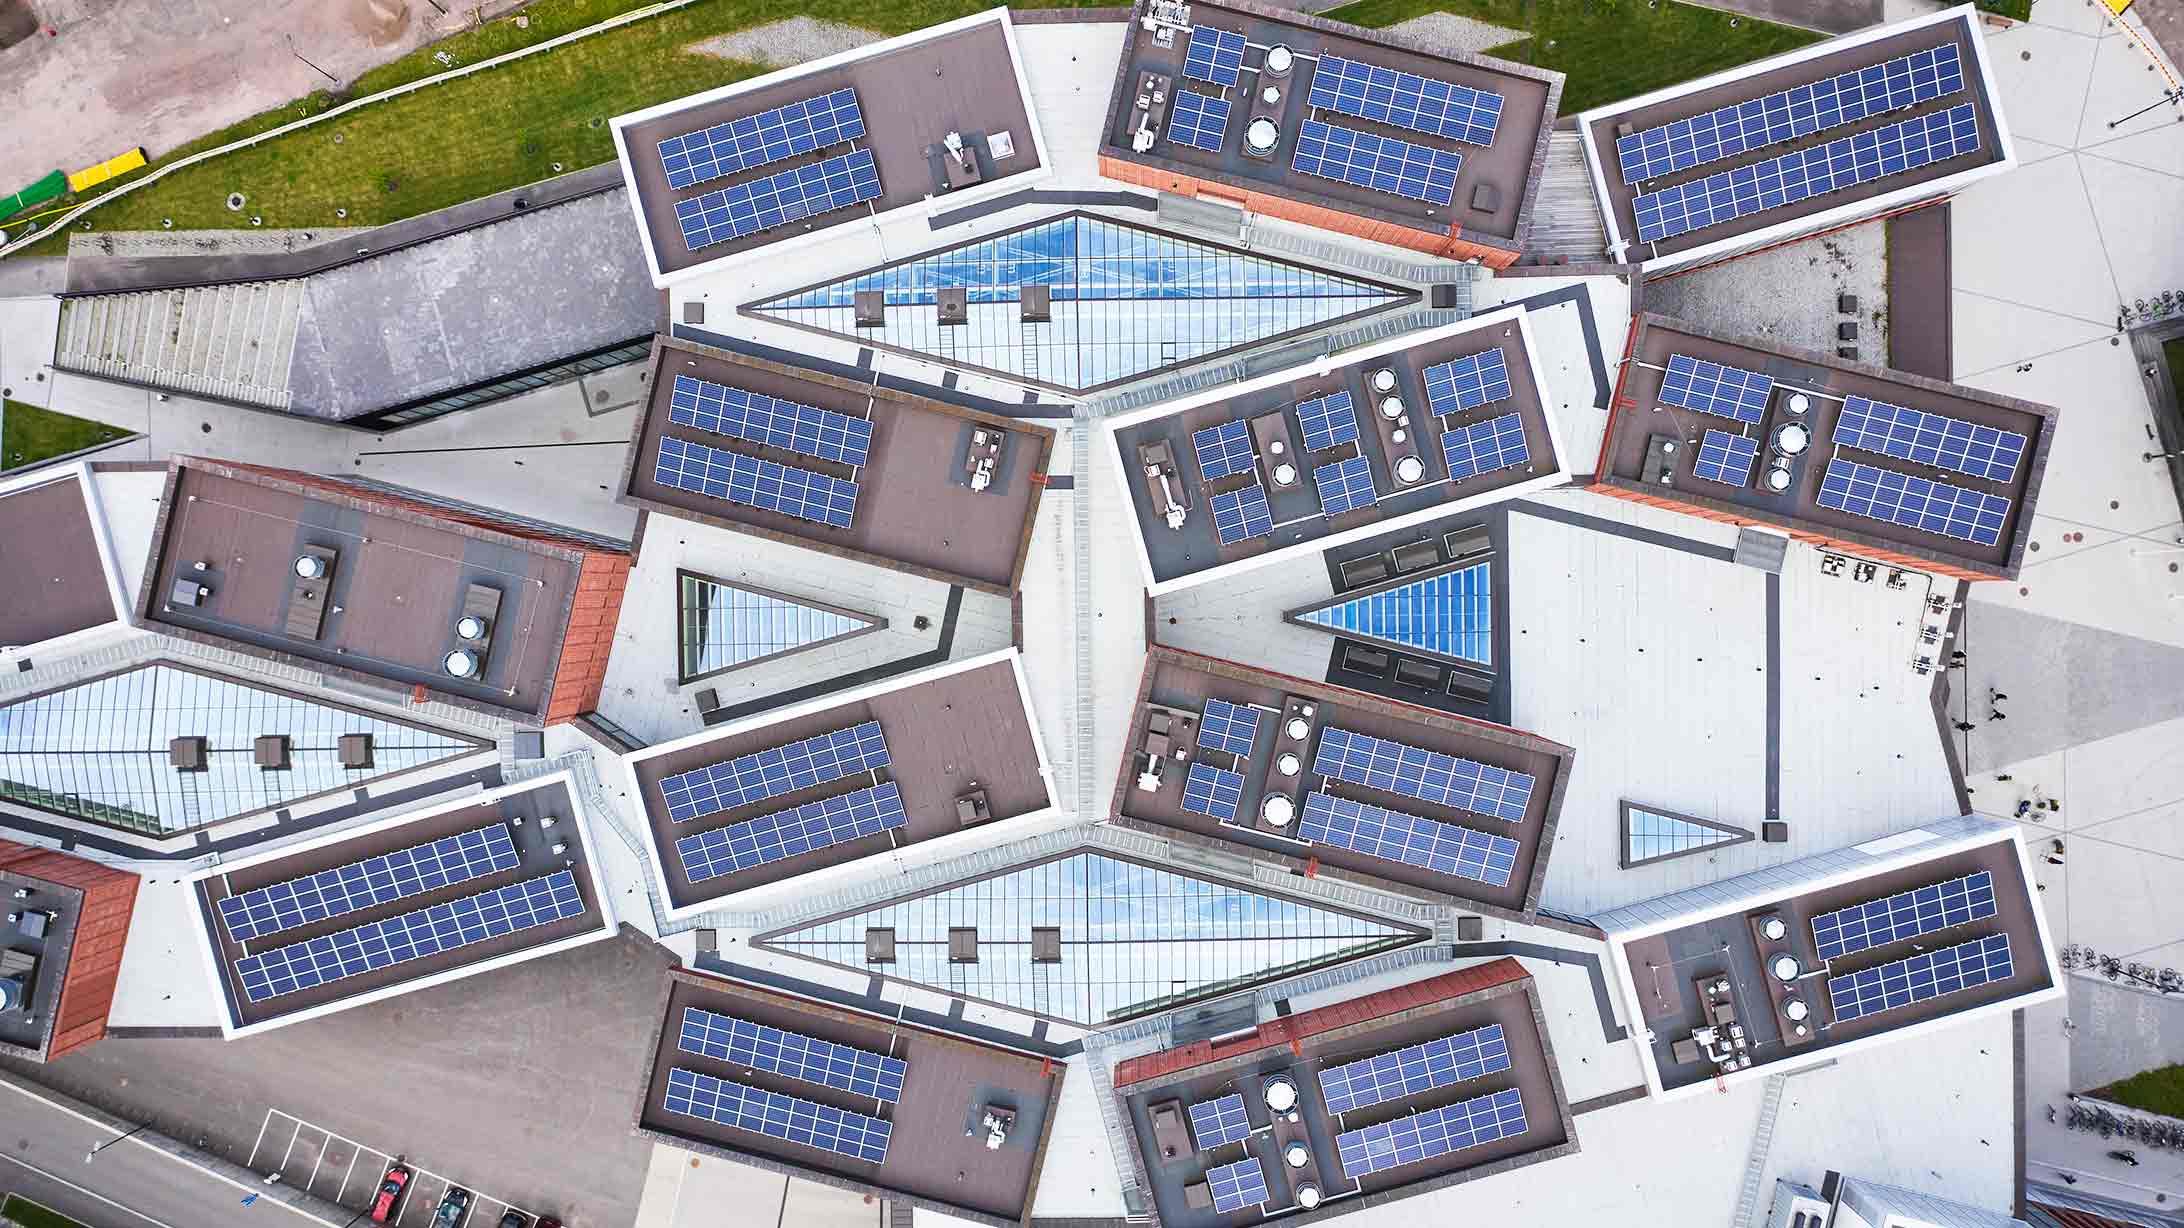 Solaranlagen auf Dächern aus der Vogelperspektive.